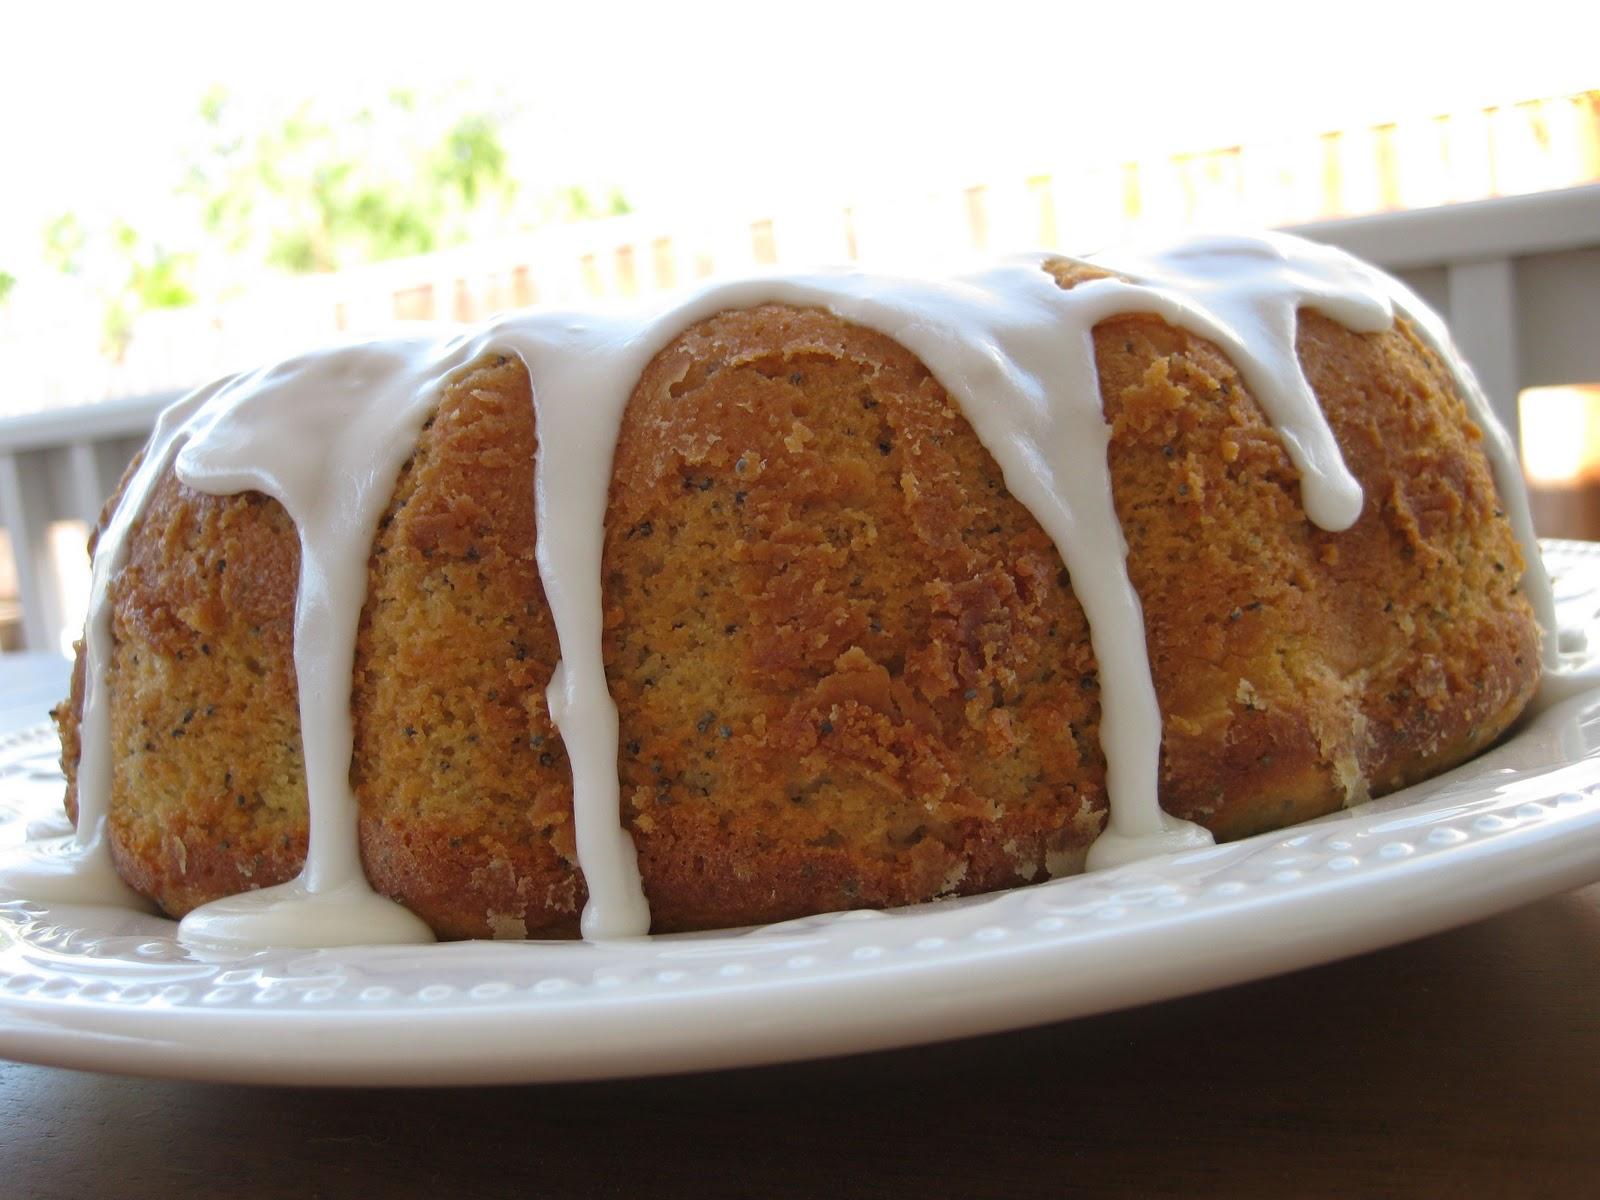 Lemon+Poppyseed+Bundt+Cake+1.jpg